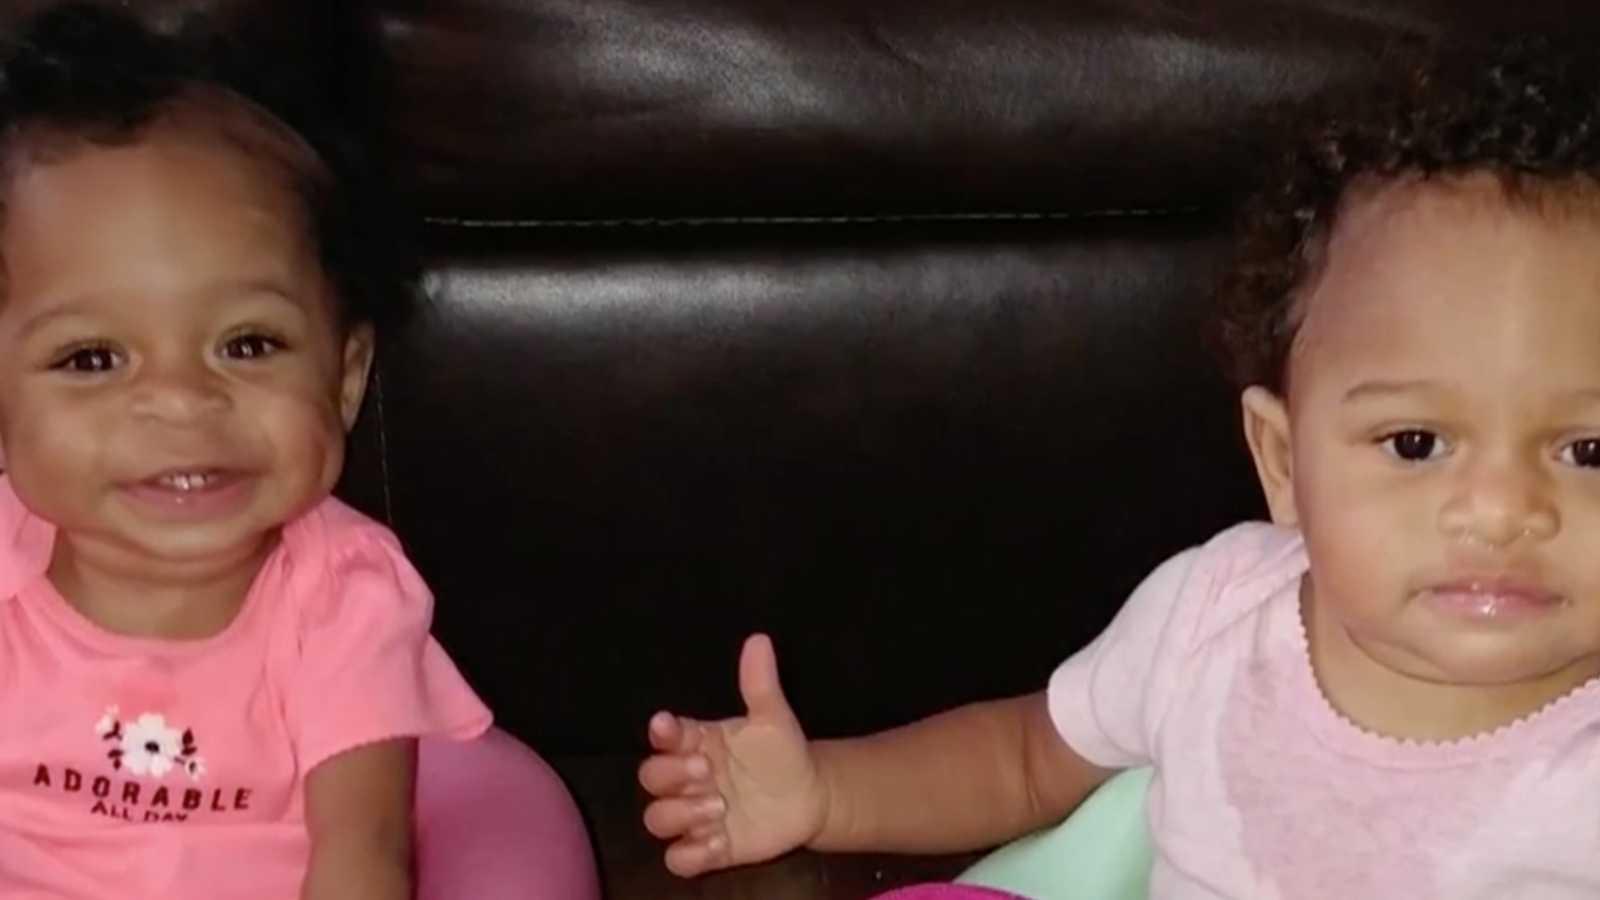 Enfermeira salva vida de bebê que sofreu maus tratos, descobre que ela tem irmã gêmea e adota as duas 4